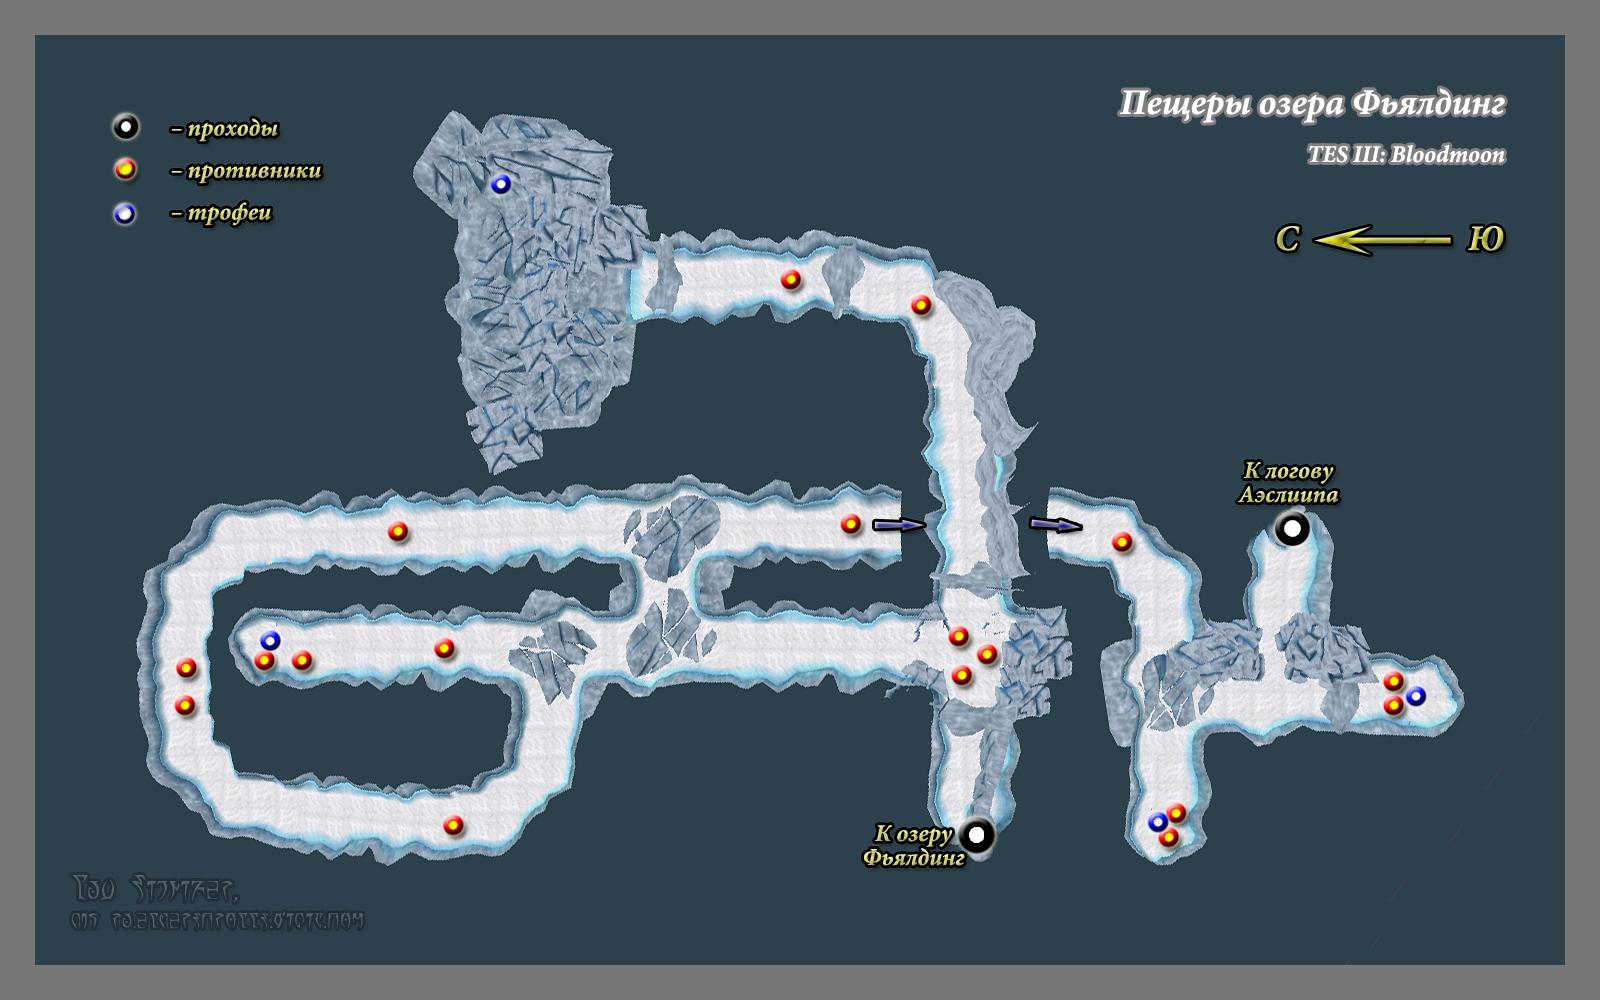 Пещеры Фьялдинга